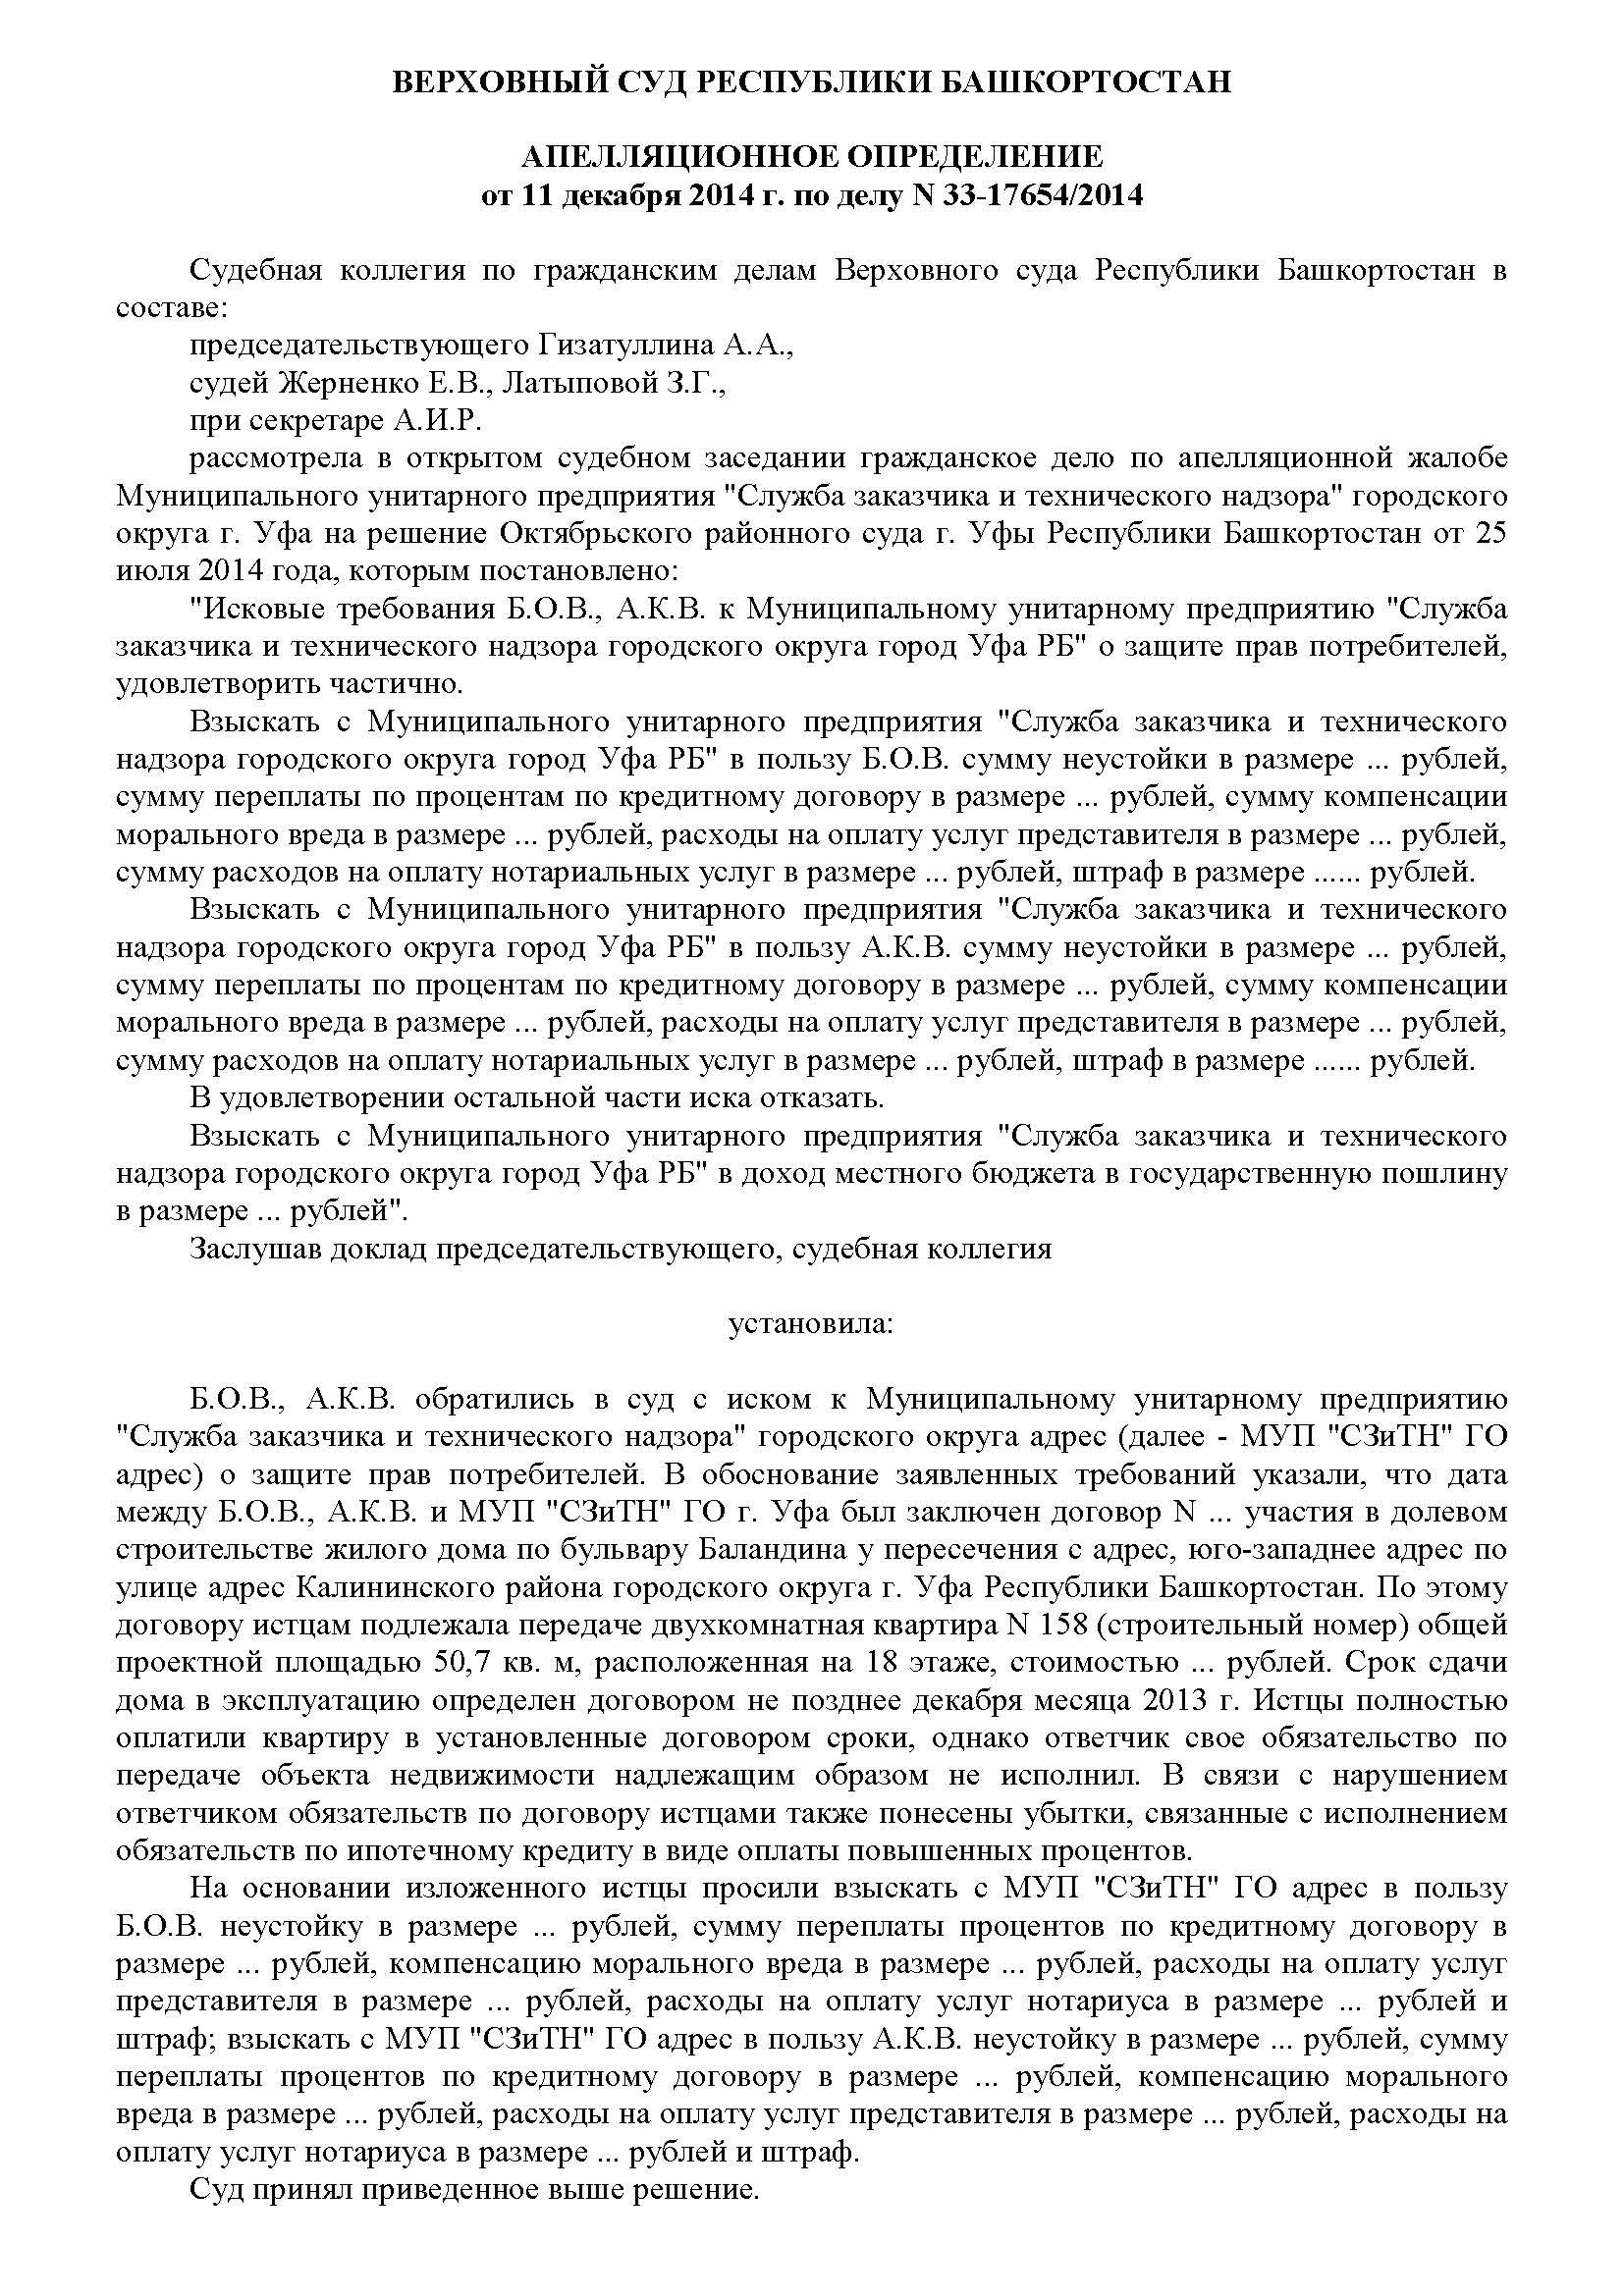 решение суда о взыскании неустойки по договору долевого участия